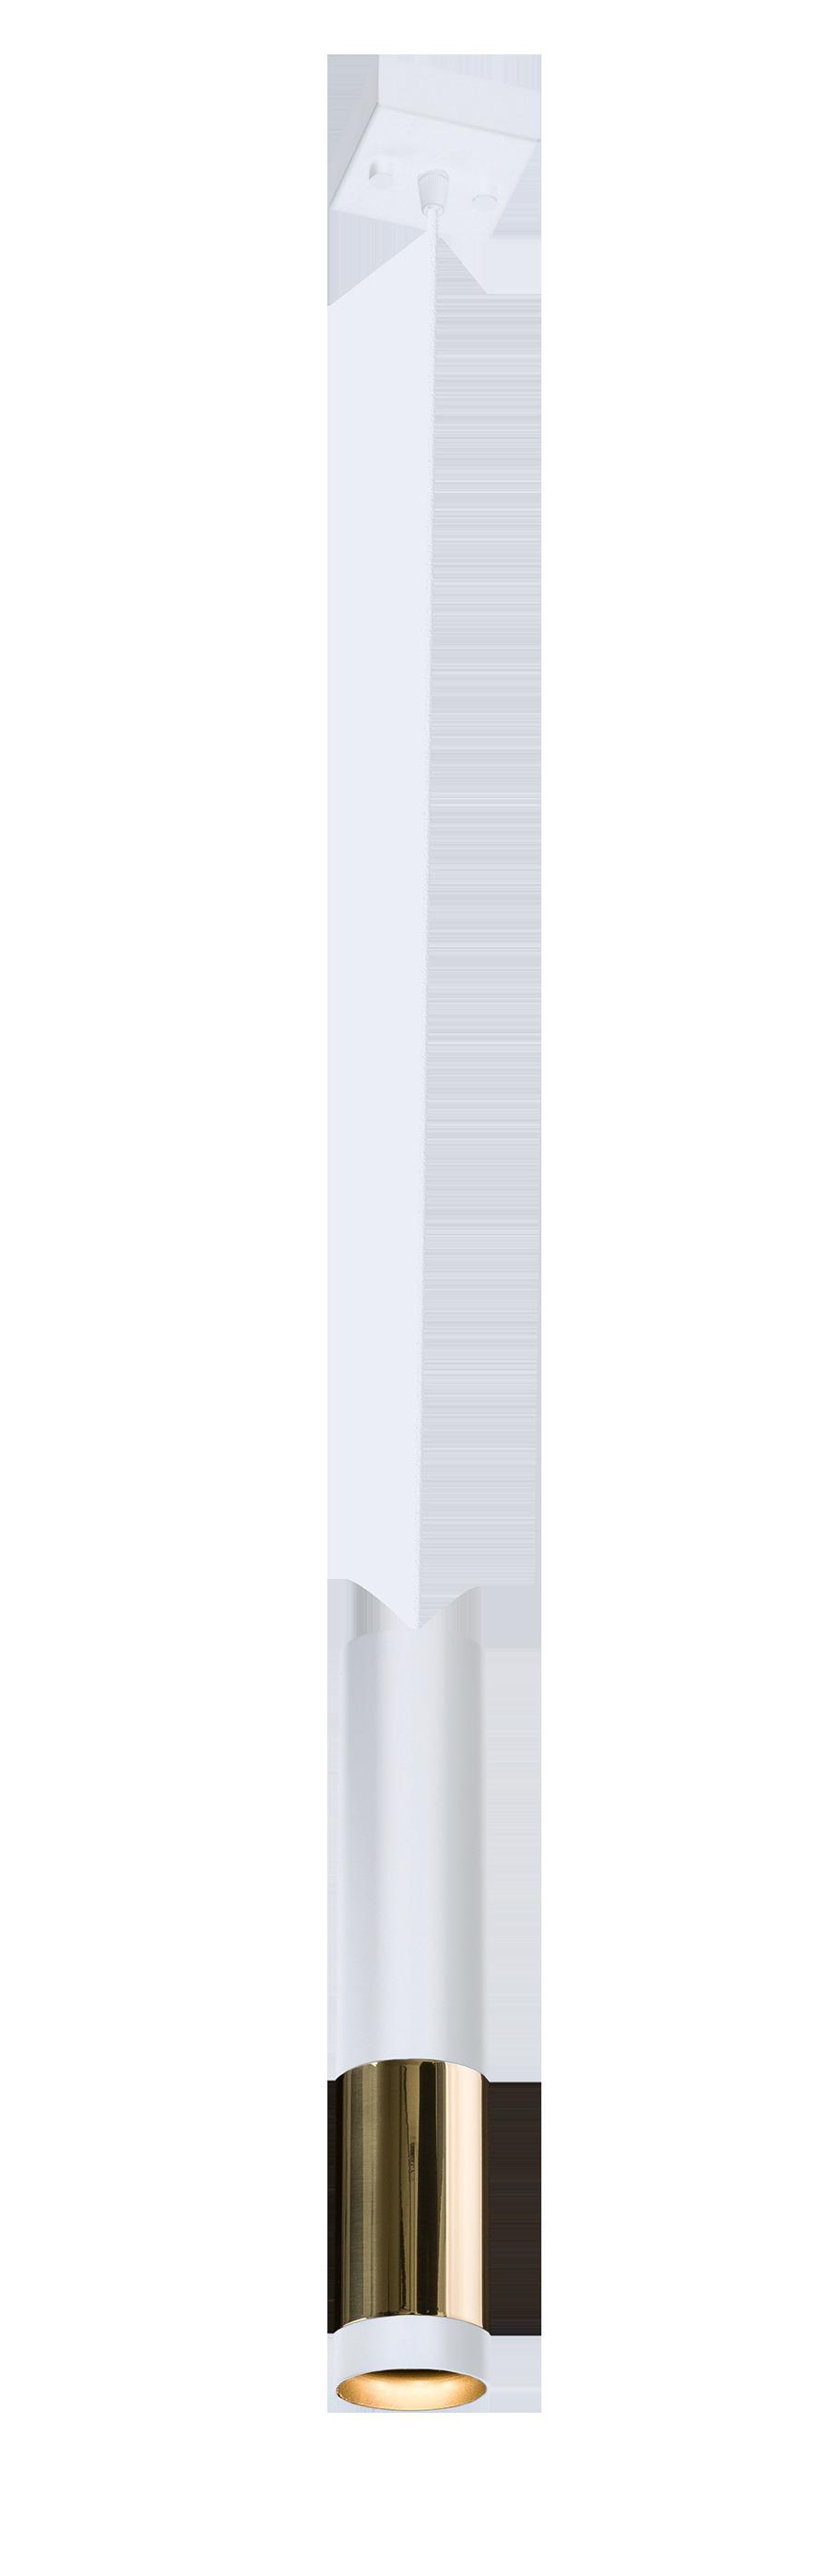 Lampa wisząca Kavos 1 Złoty 0394 - Amplex // Rabaty w koszyku i darmowa dostawa od 299zł !